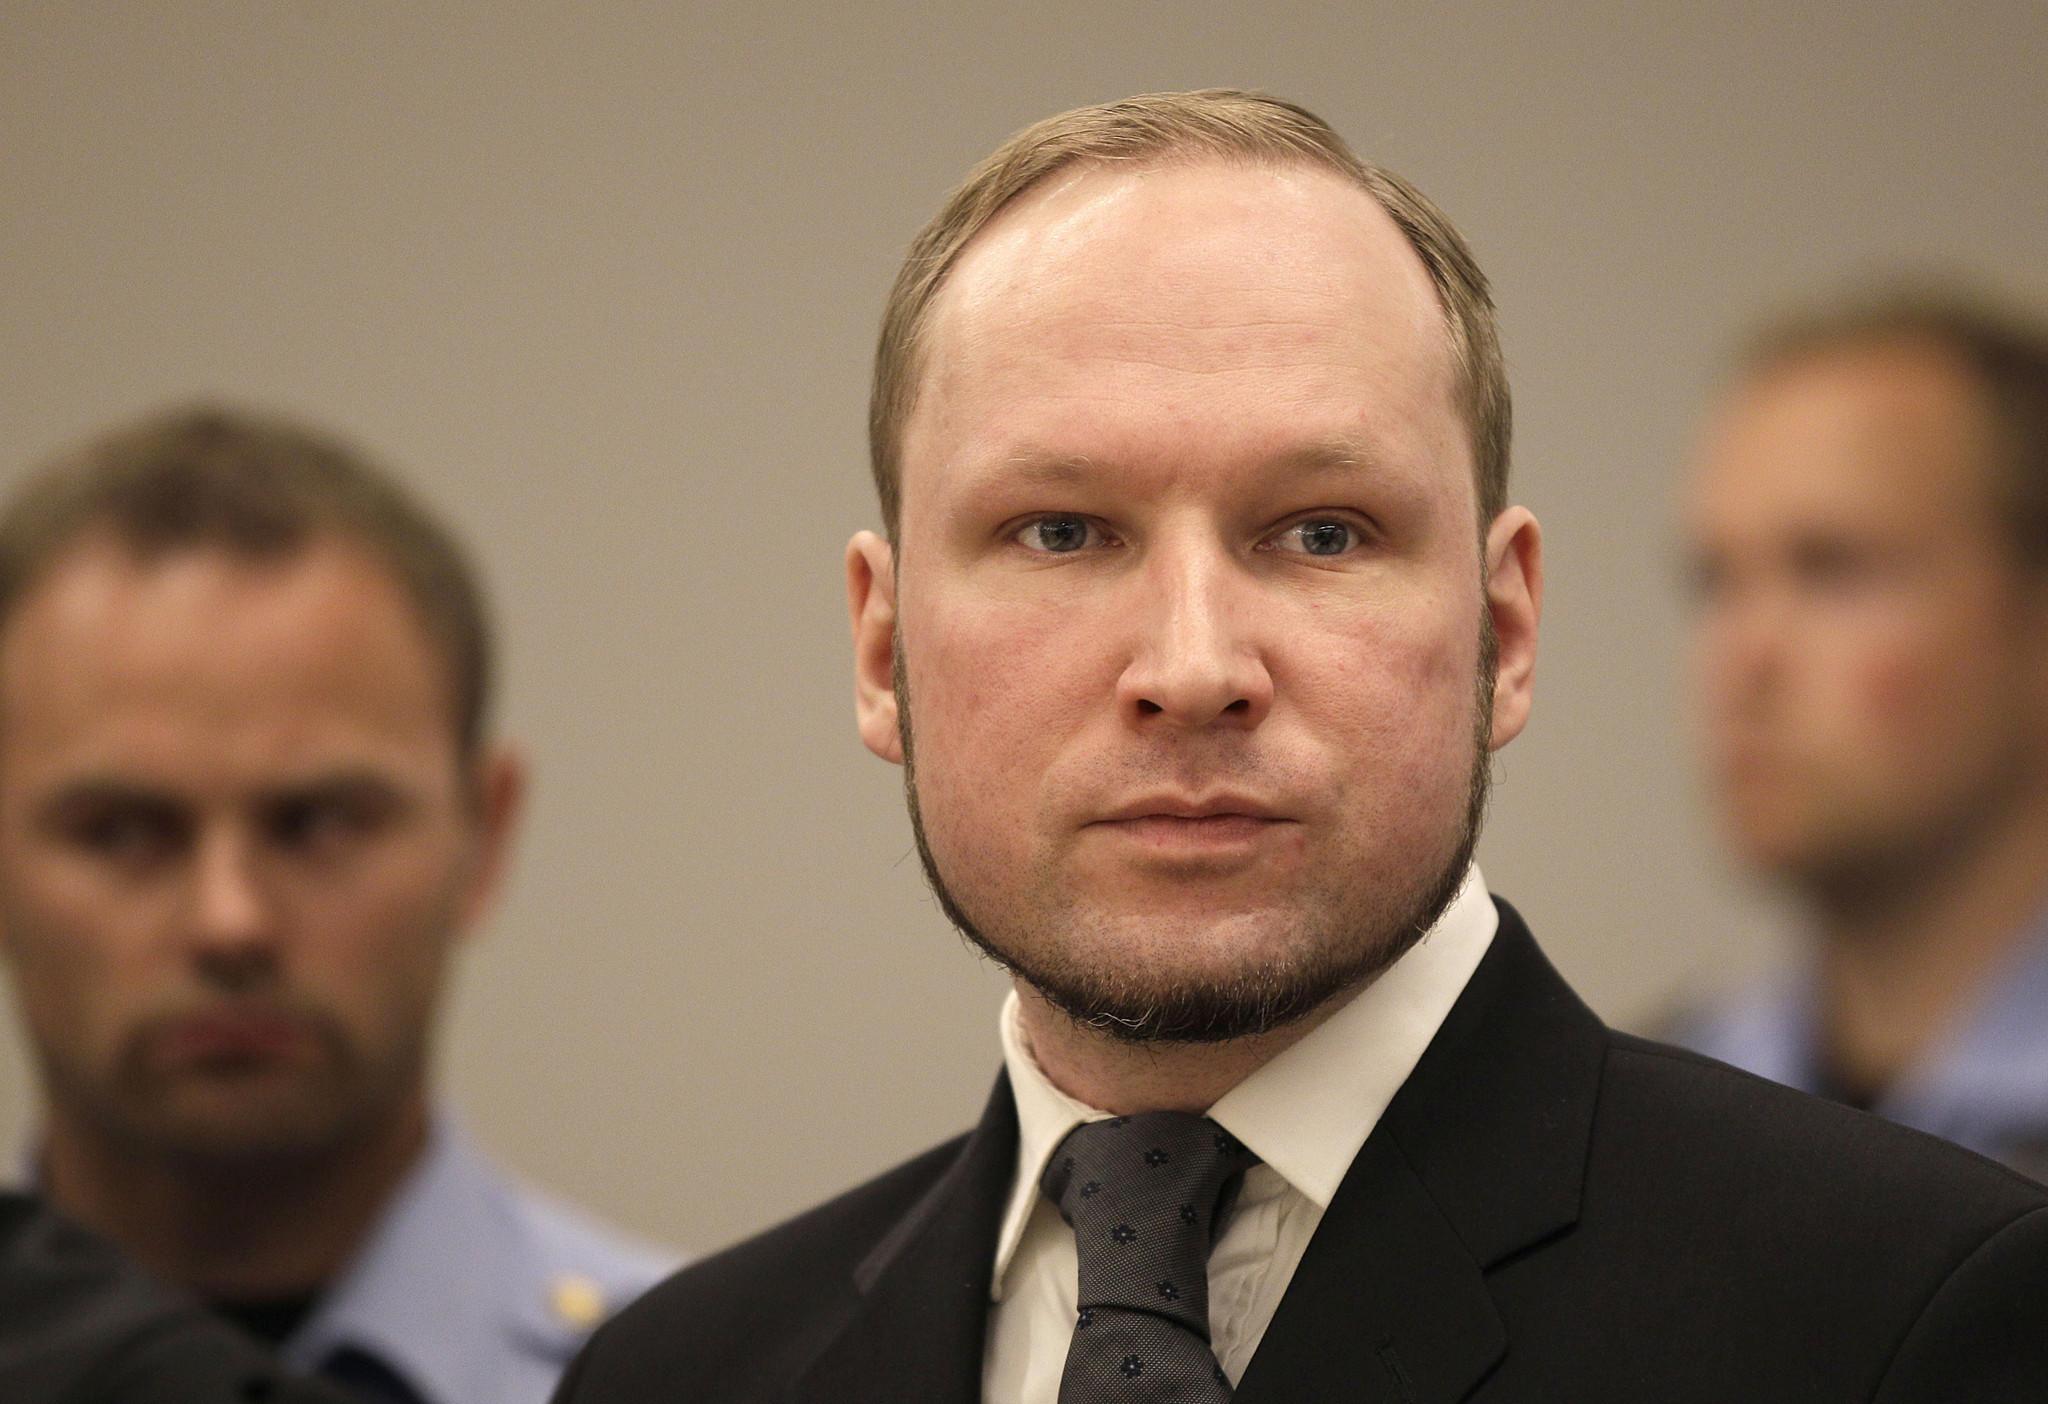 Behring breivik Anders